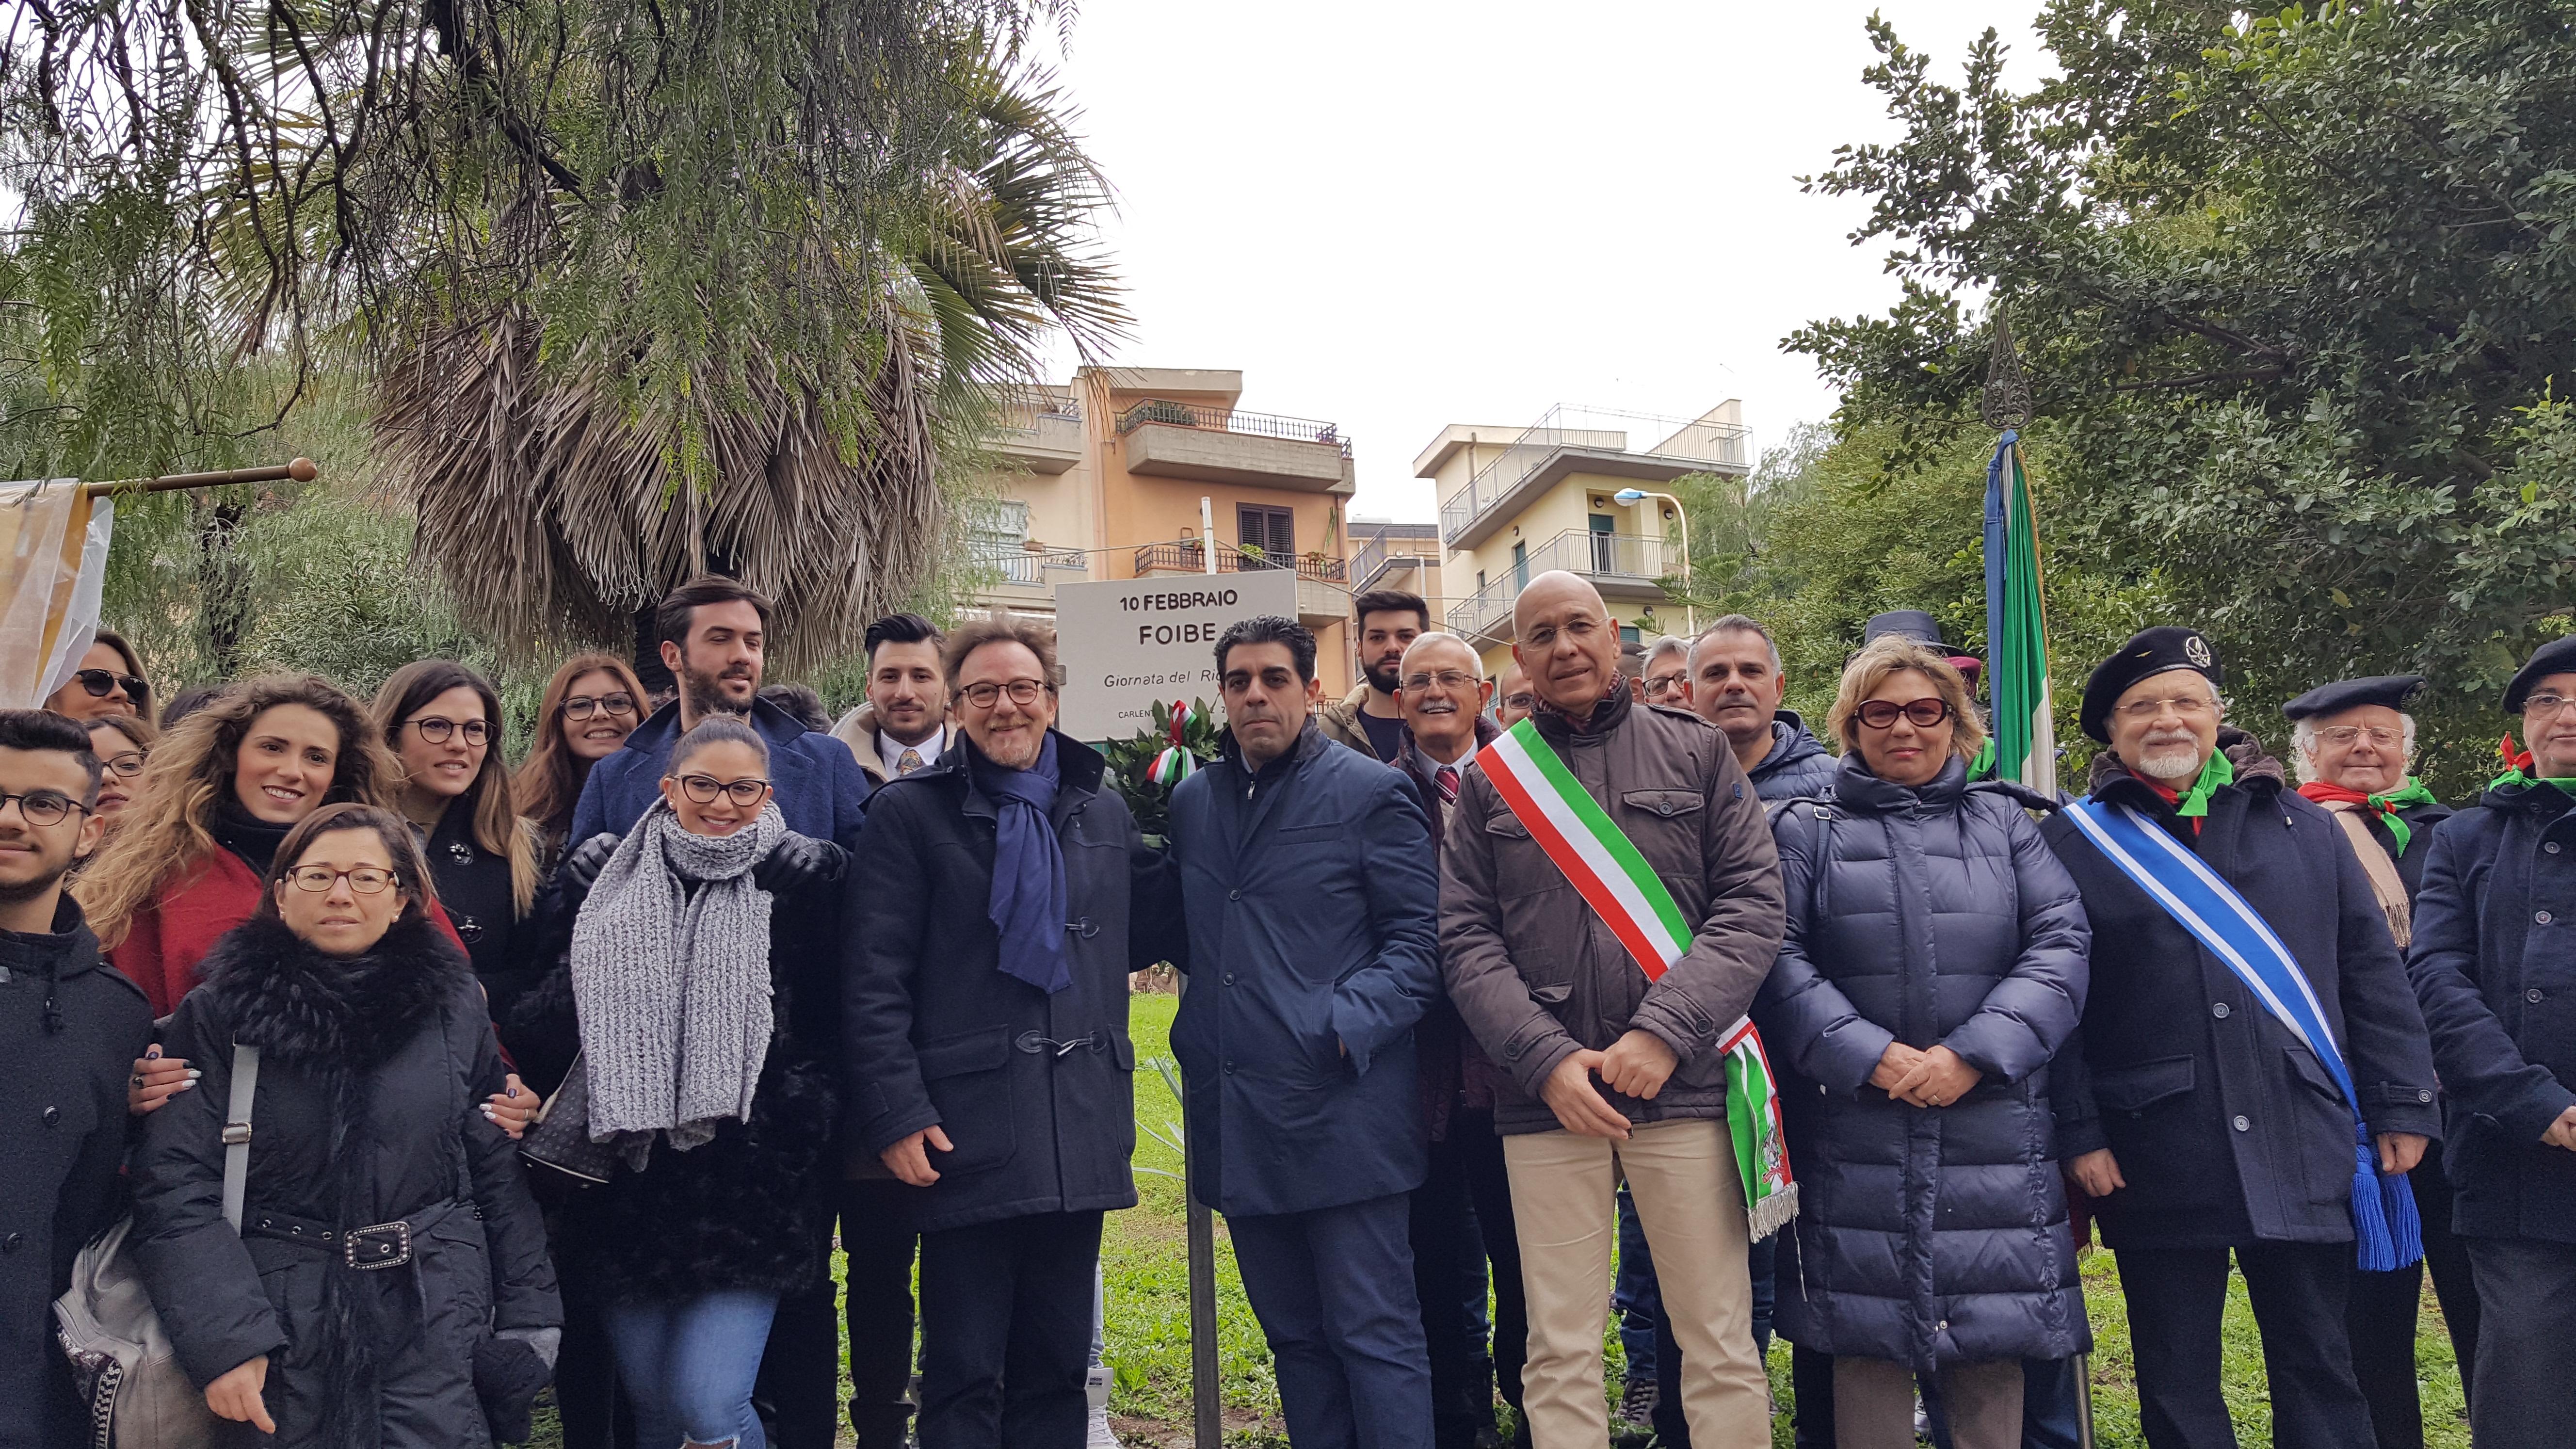 Carlentini, Targa commemorativa, a villa Vittorio Veneto, in ricordo delle Foibe.